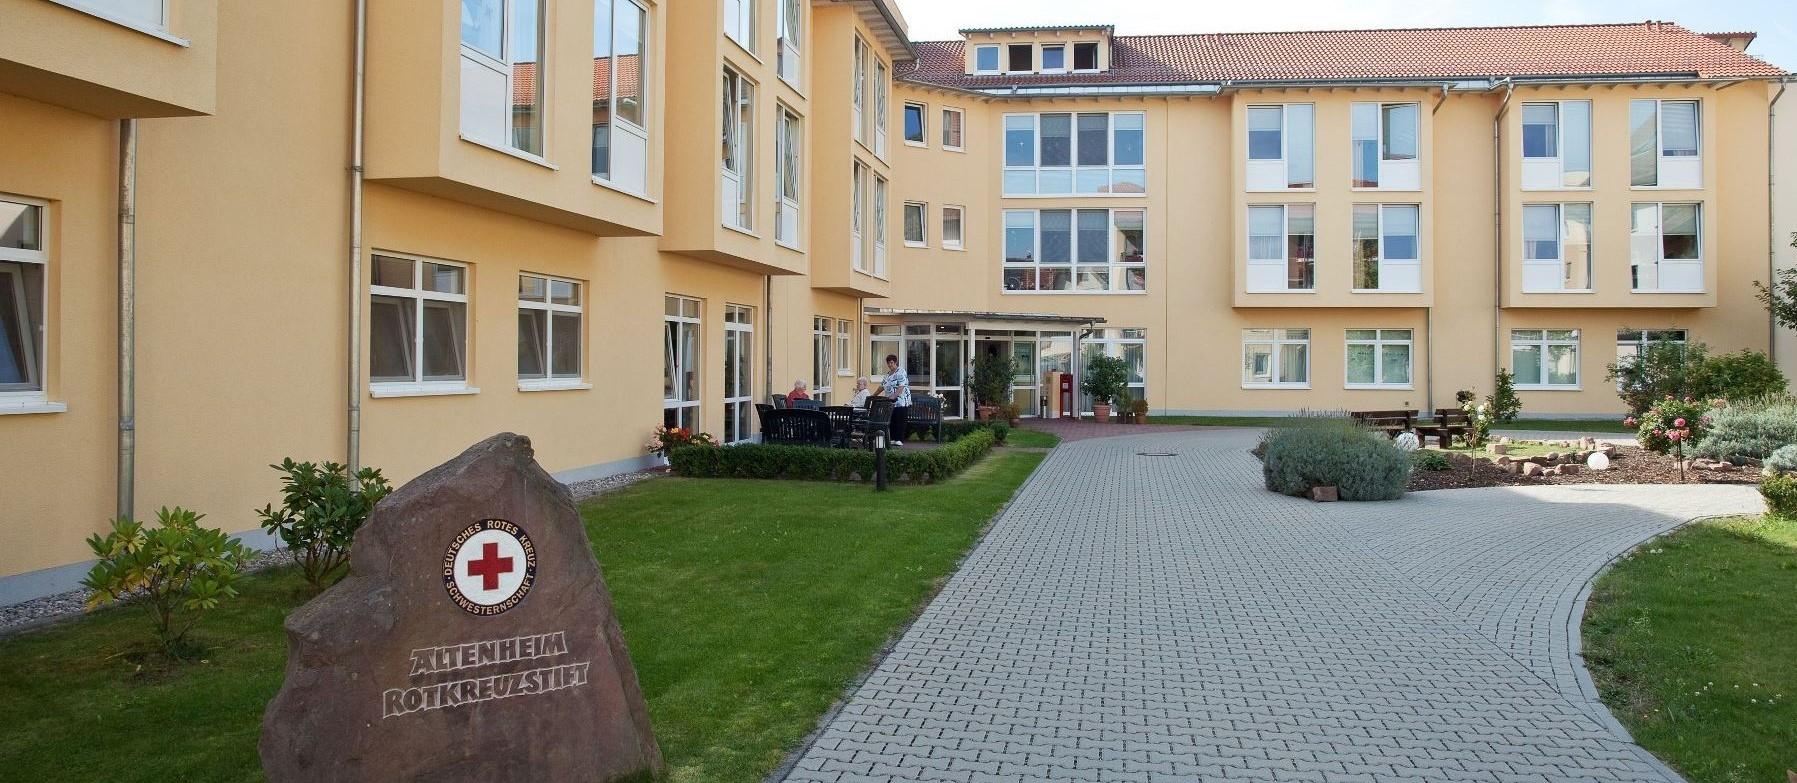 altenheim-rotkreuzstift-neustadt